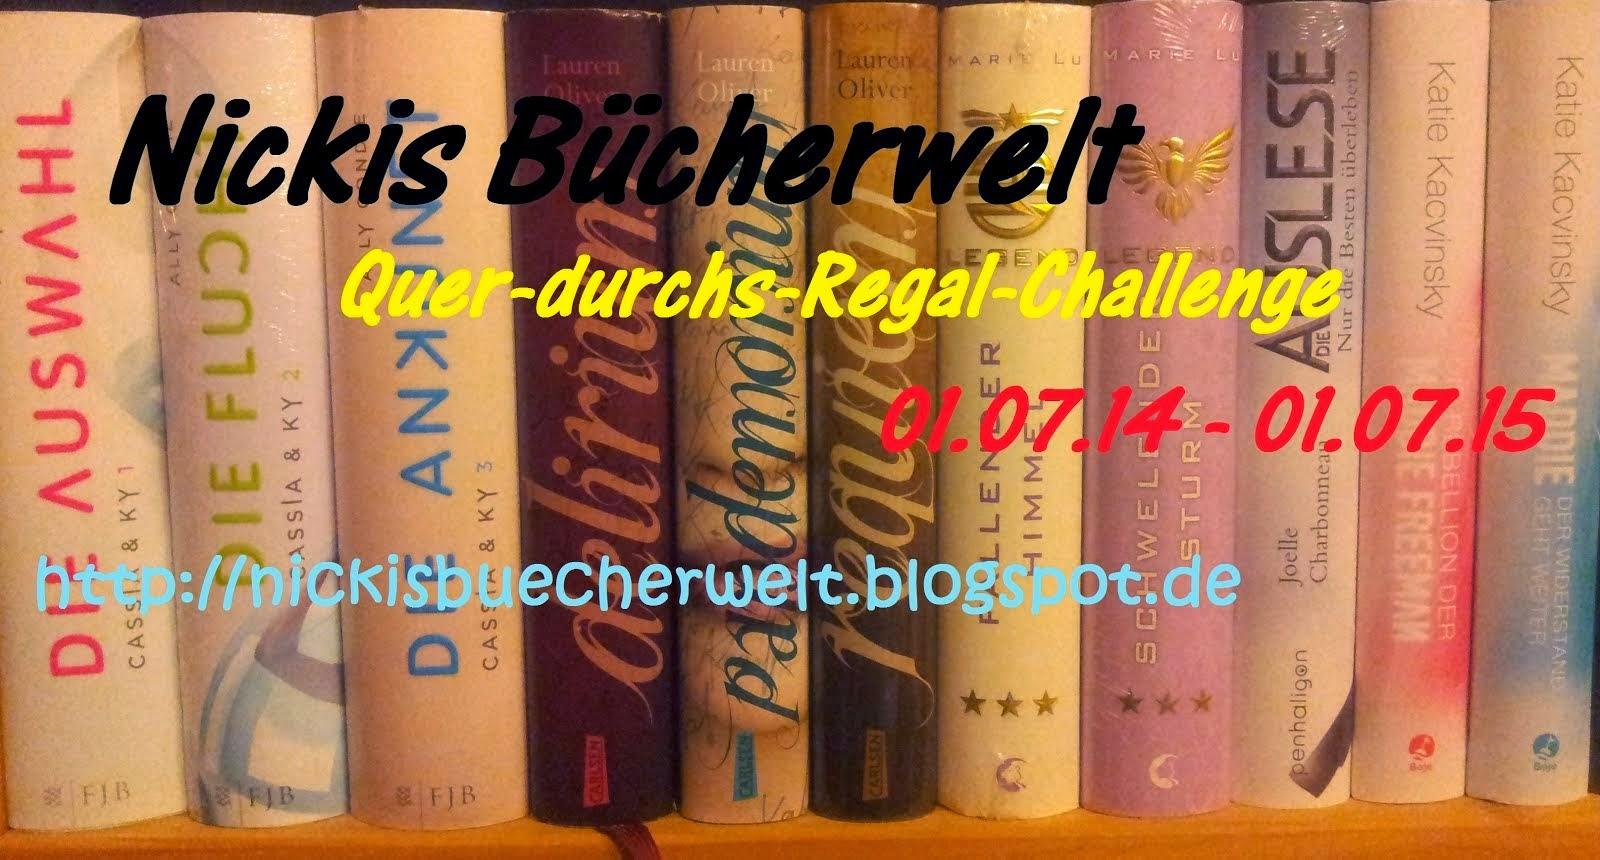 http://nickisbuecherwelt.blogspot.de/2014/06/quer-durchs-regal-challenge.html